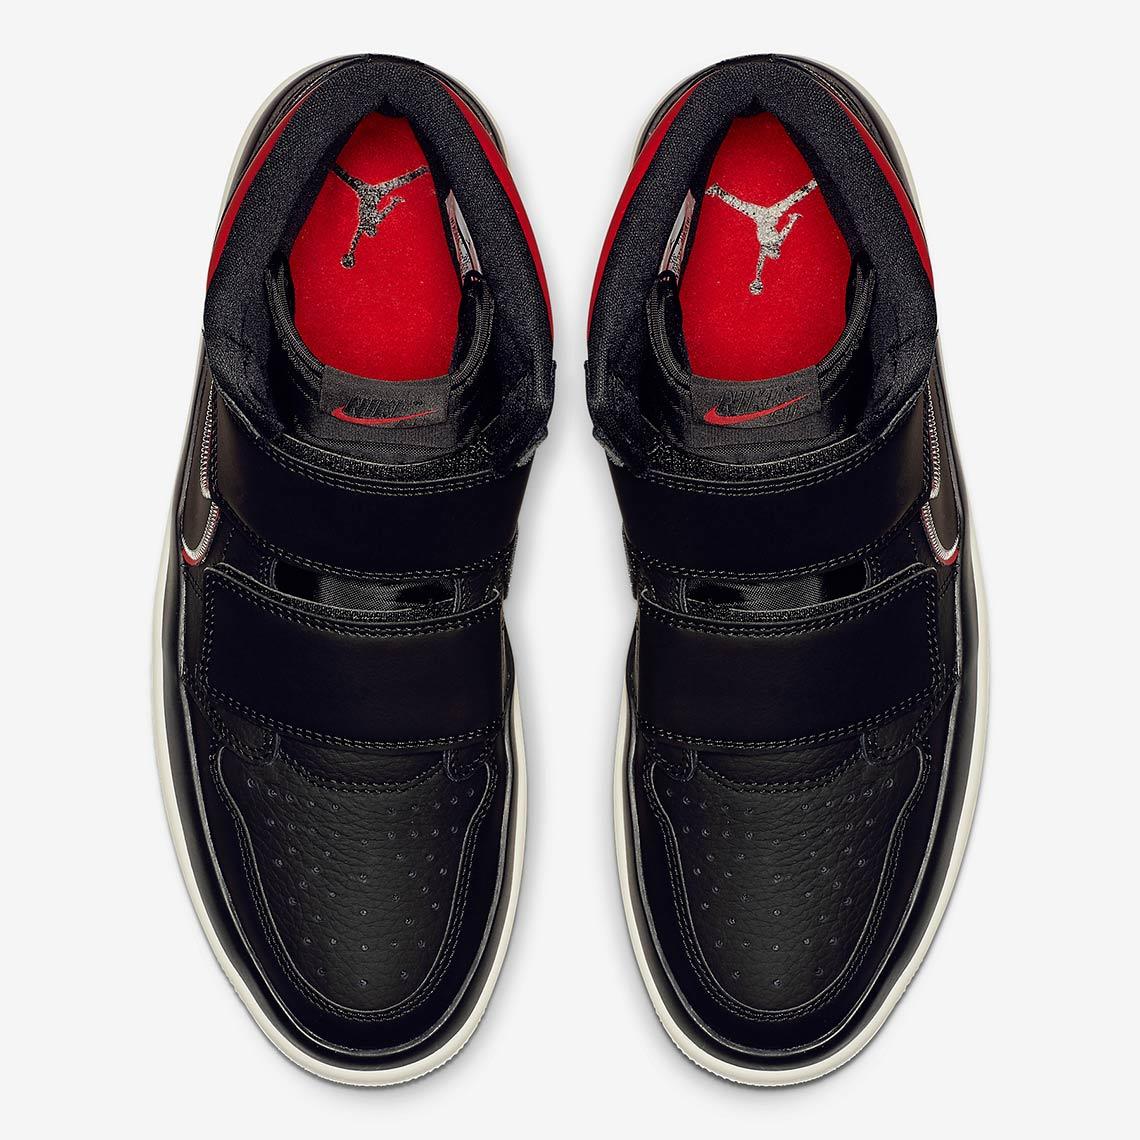 820bfc5ca59cd7 Jordan 1 High Double Strap Black Red AQ7924-106